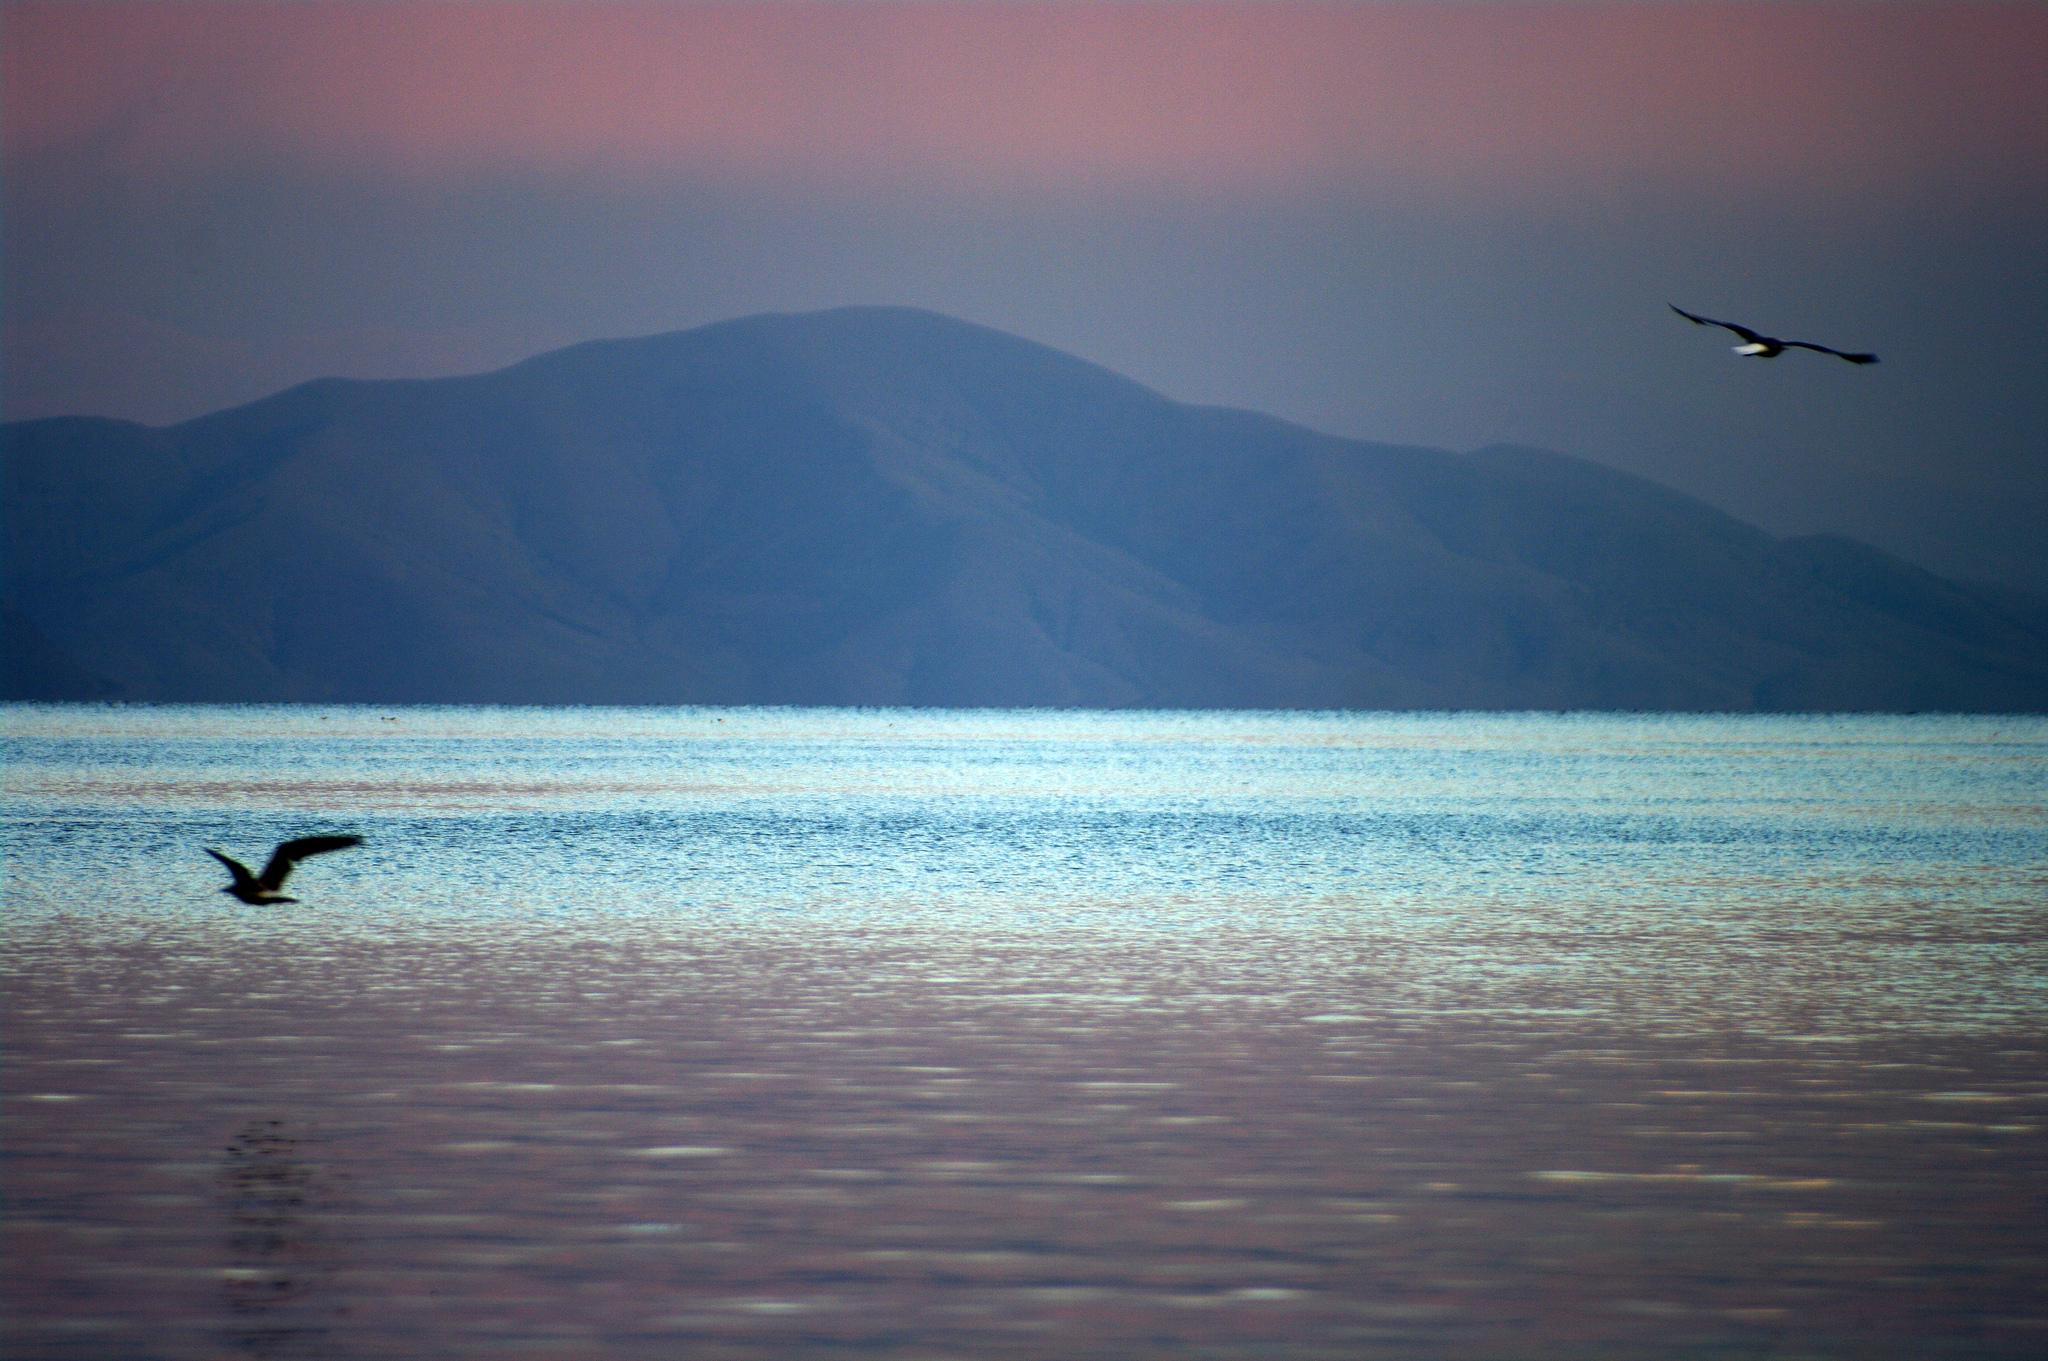 Озеро_Севан_Армения_широкоформатное_фото_красивая_природа_Армении